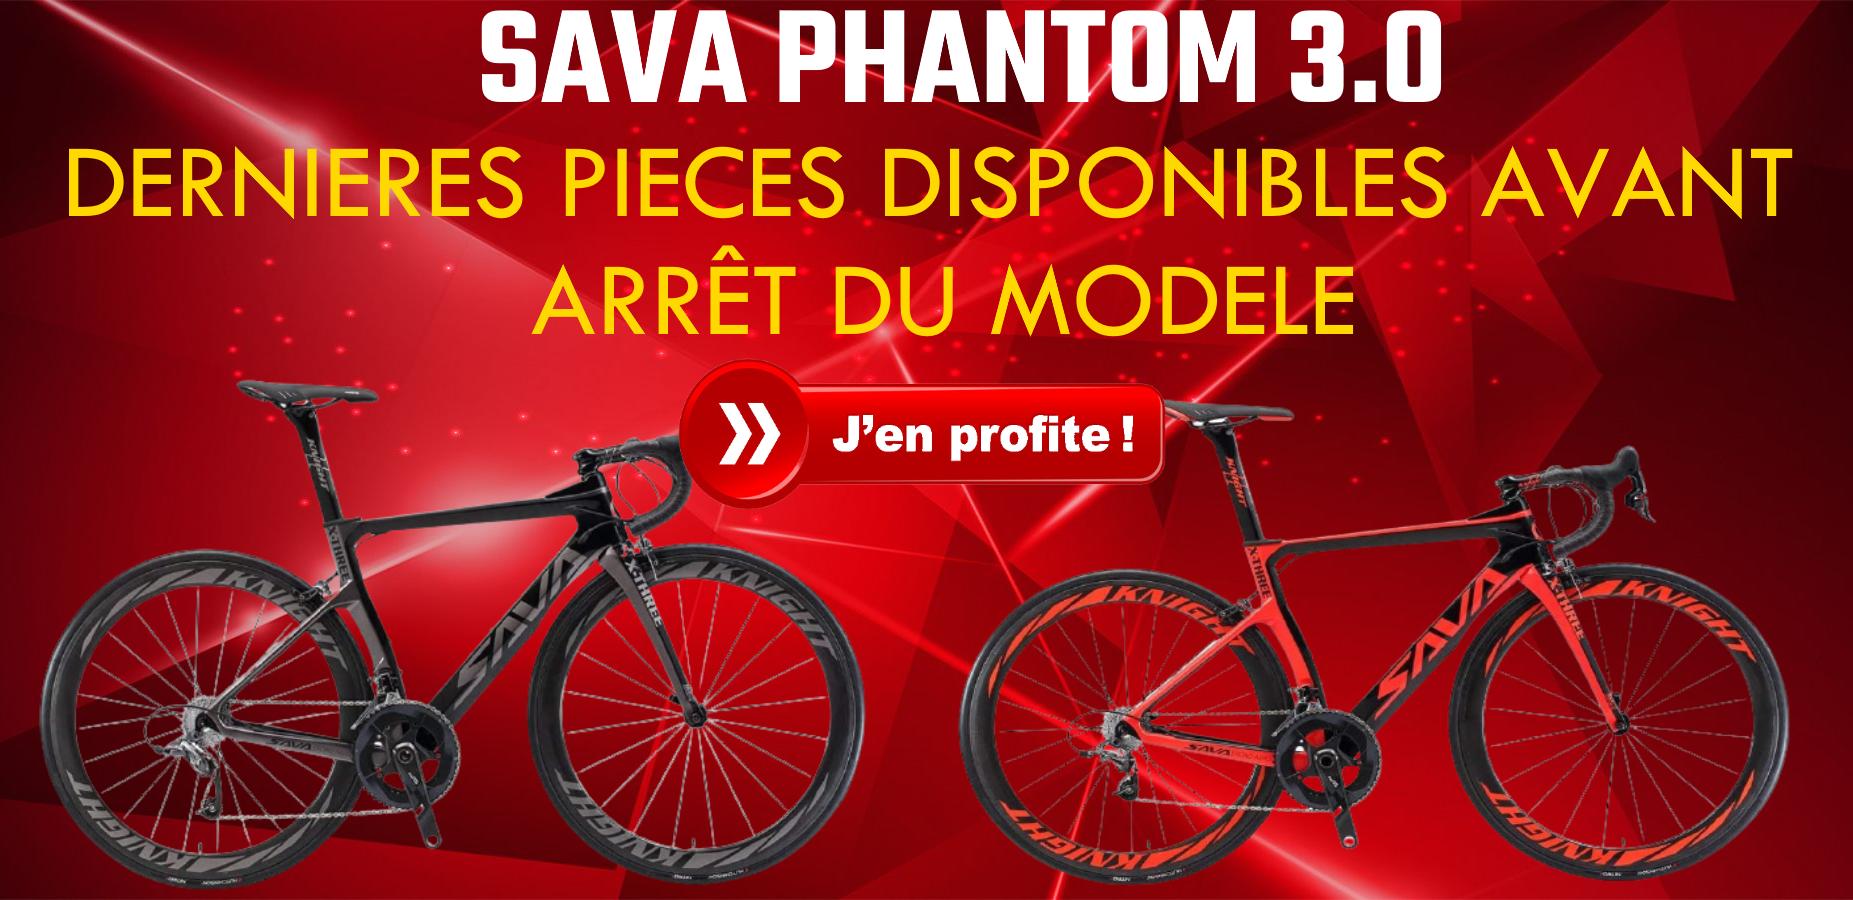 sava phantom 3